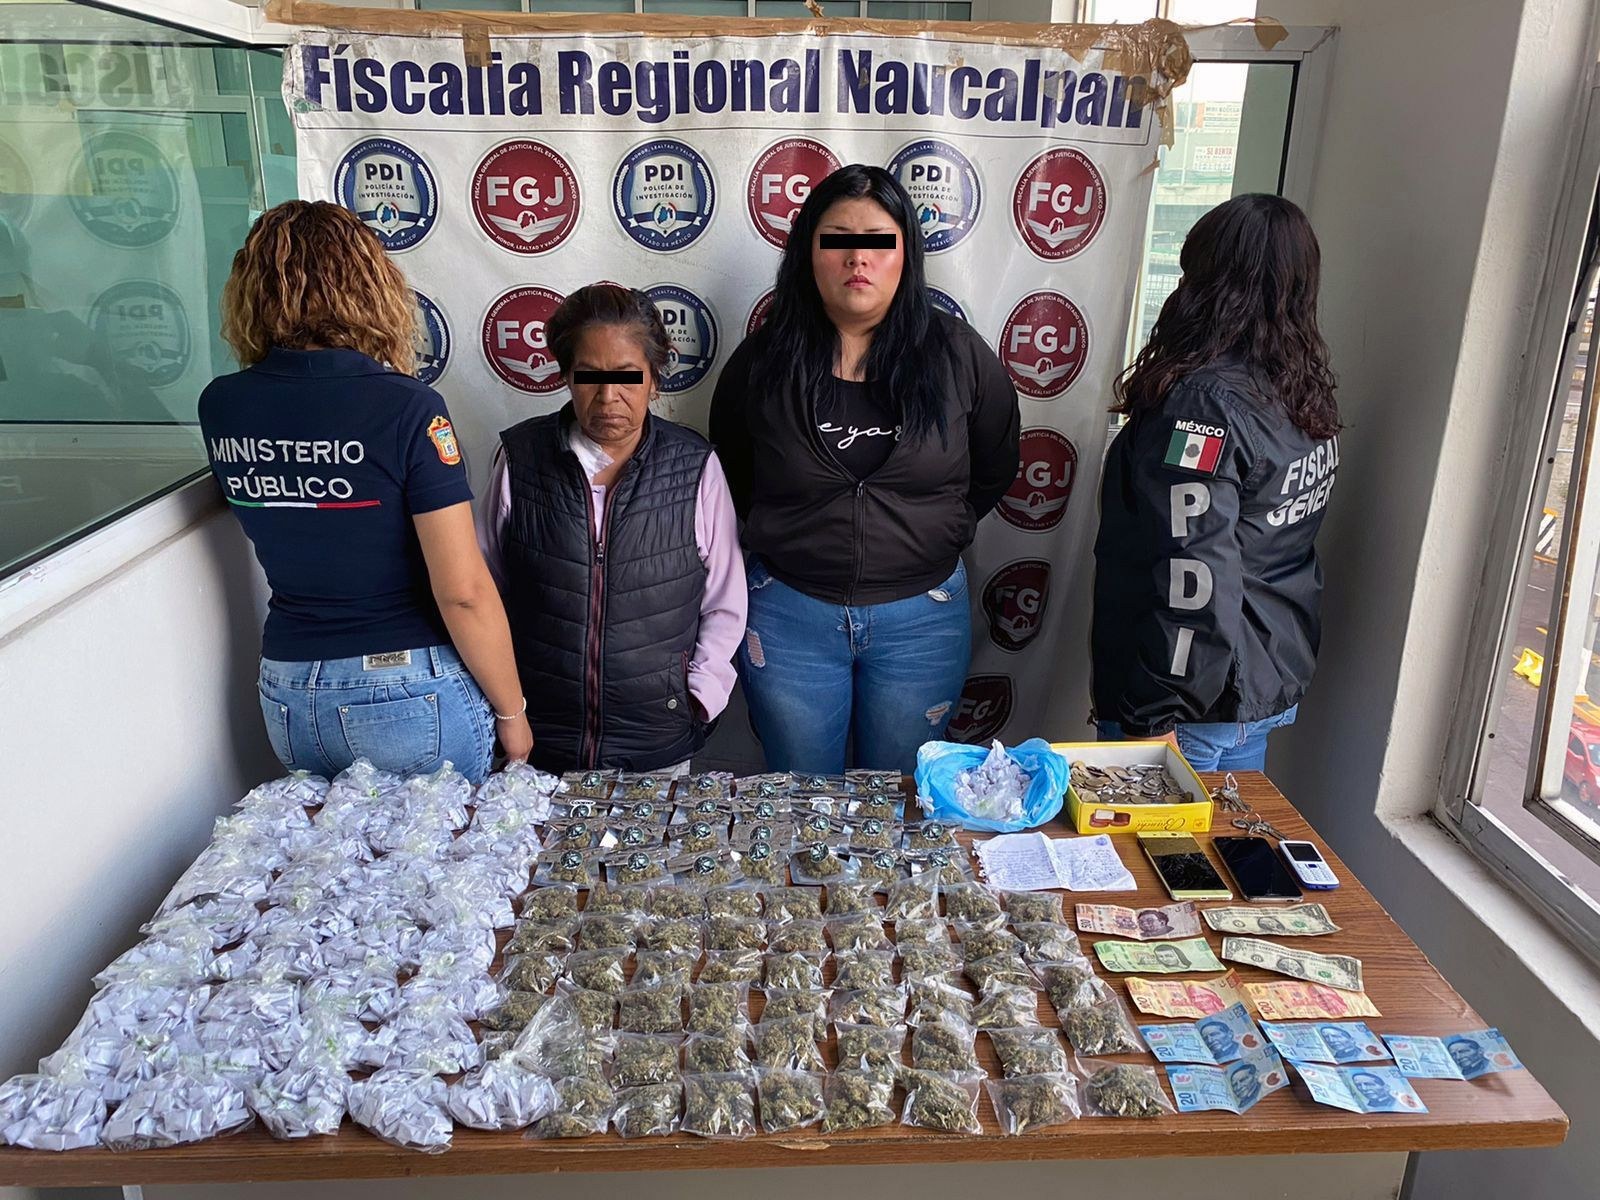 DESMANTELAN UN PUNTO DE VENTA DE DROGA EN NAUCALPAN